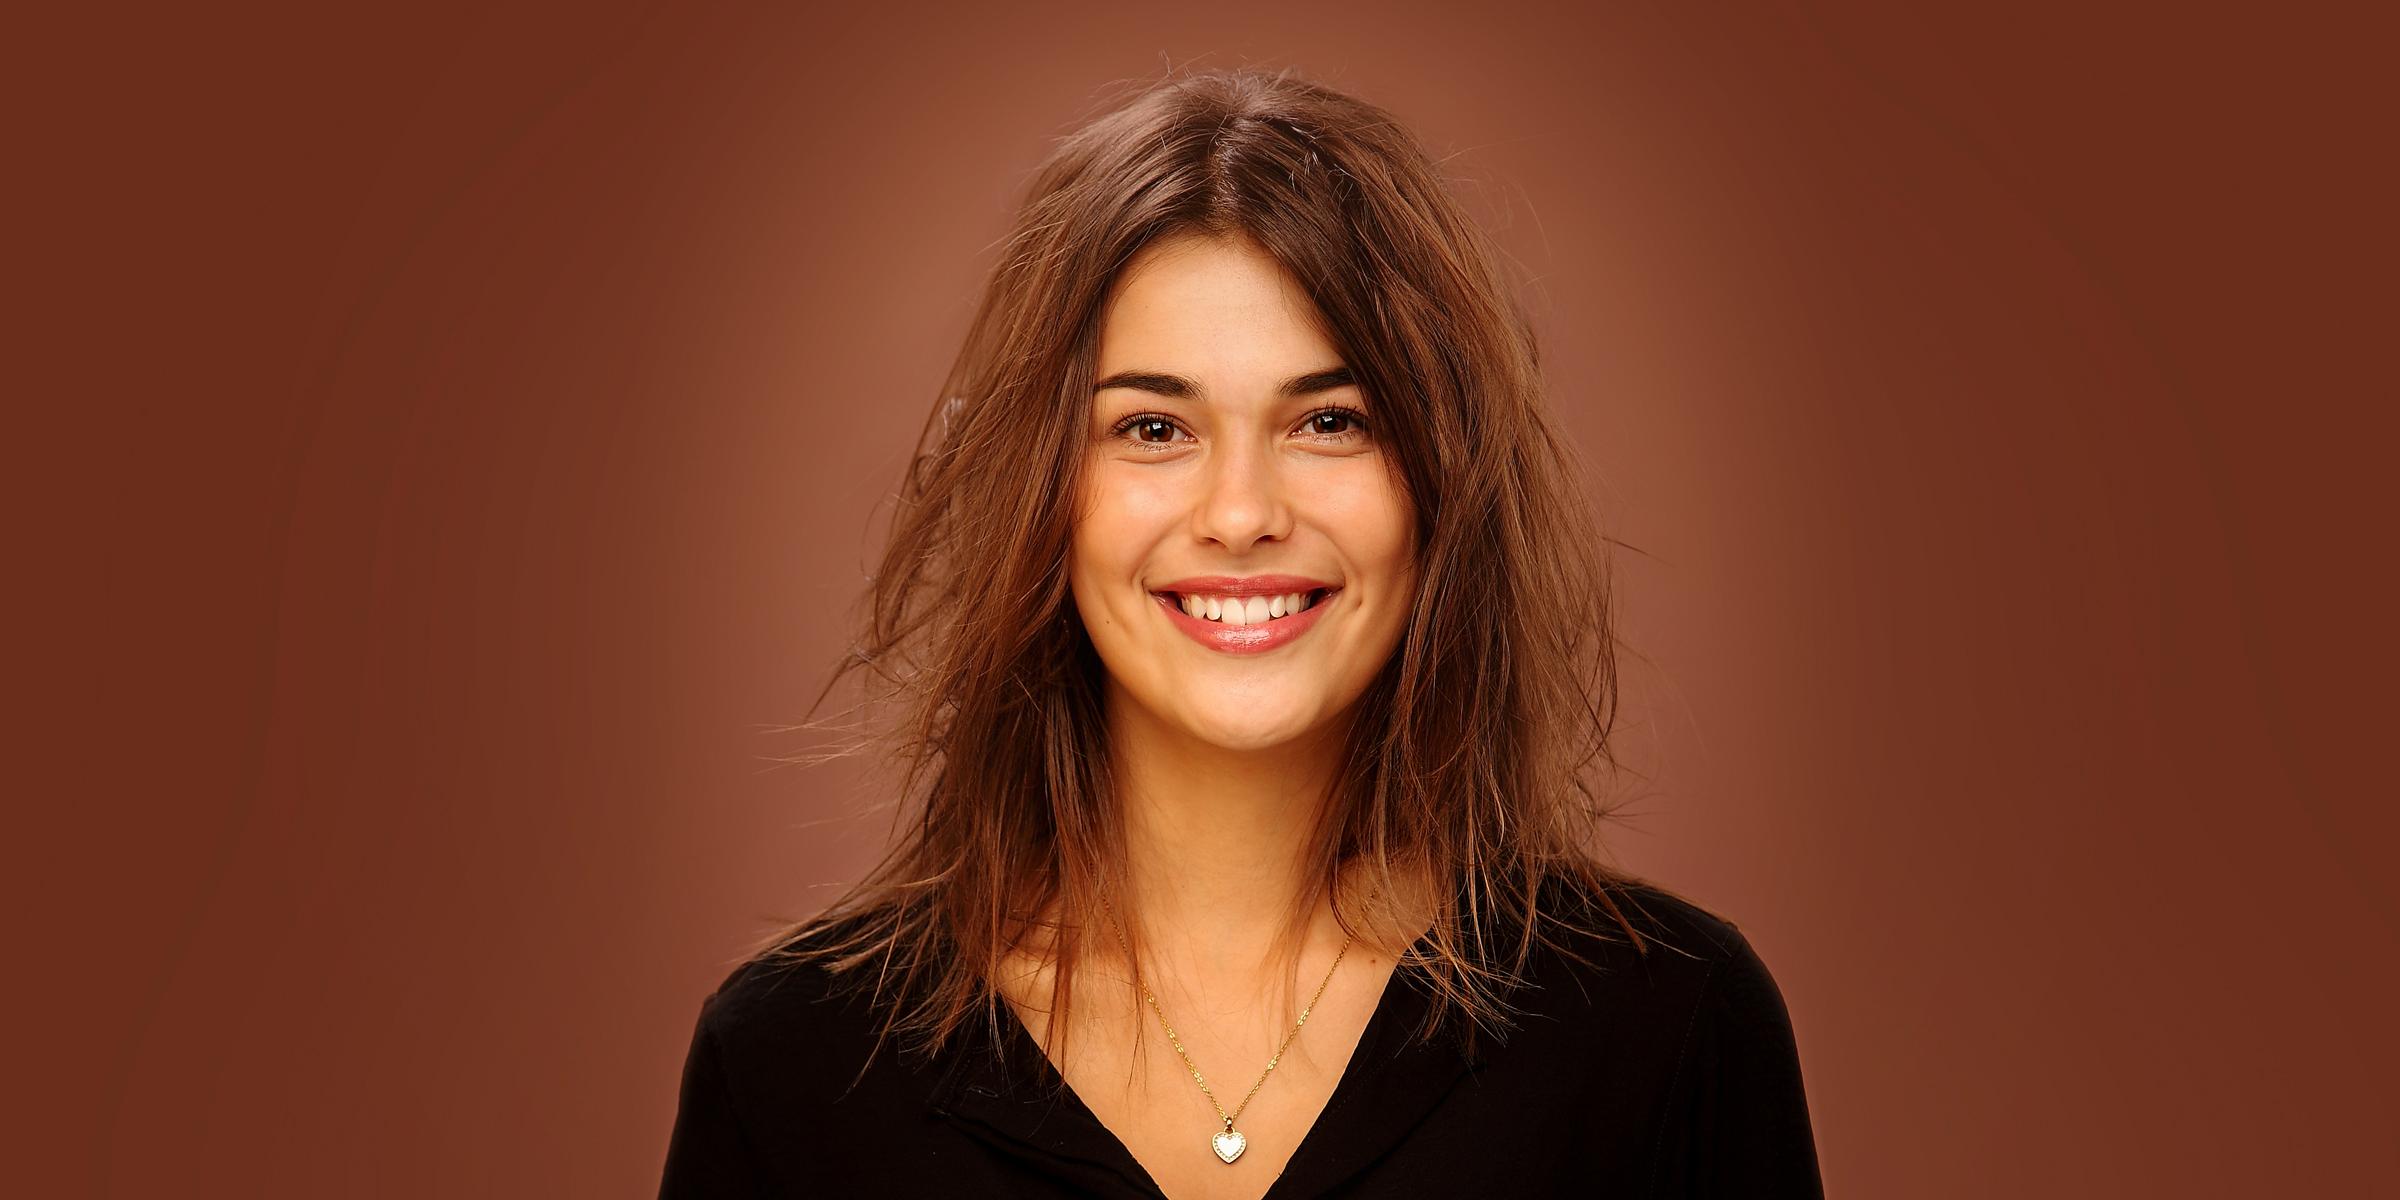 Portrait einer lächelnden Frau posiert für Business-Foto.